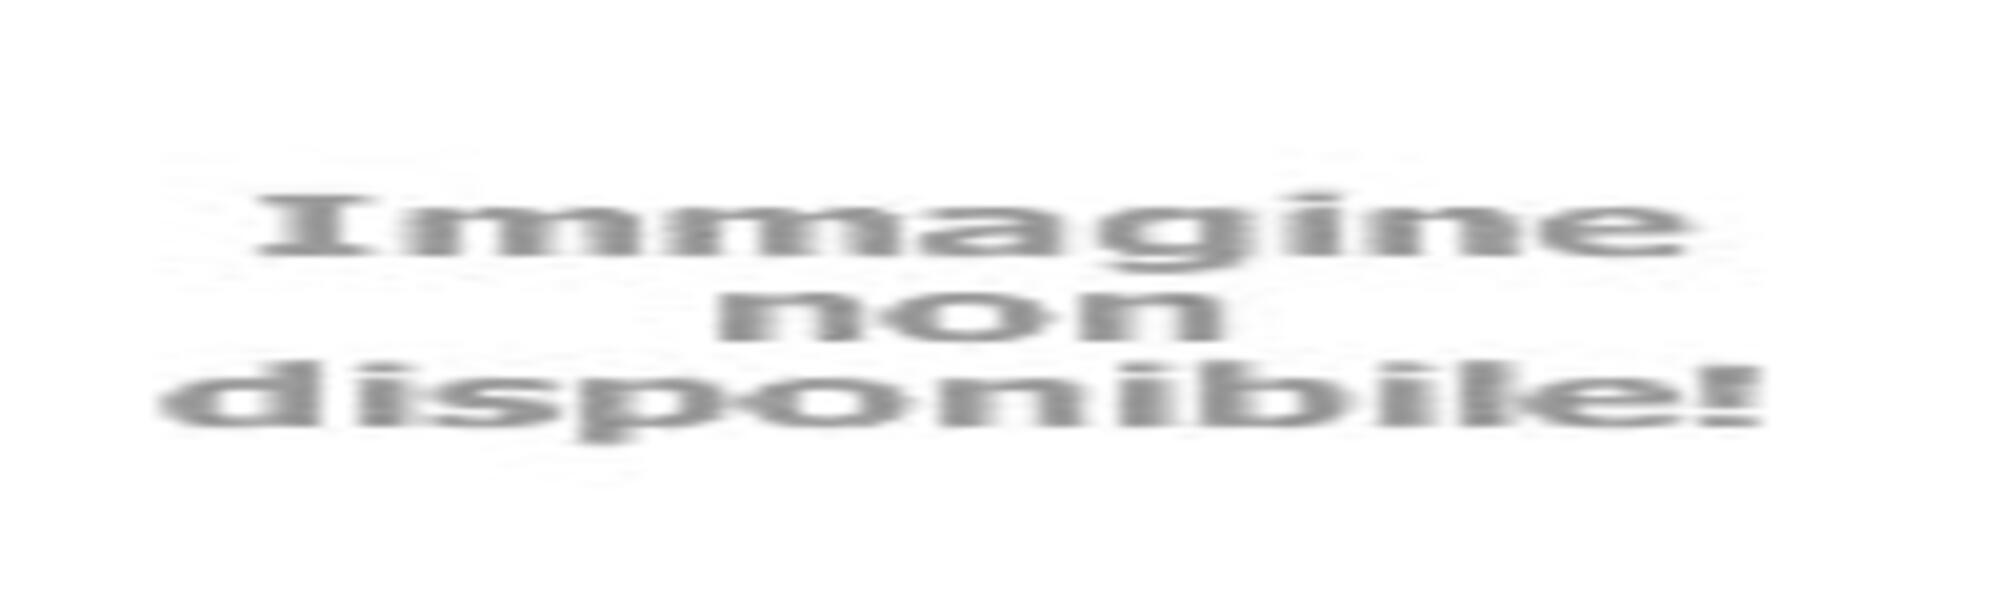 Saldi di Natale!